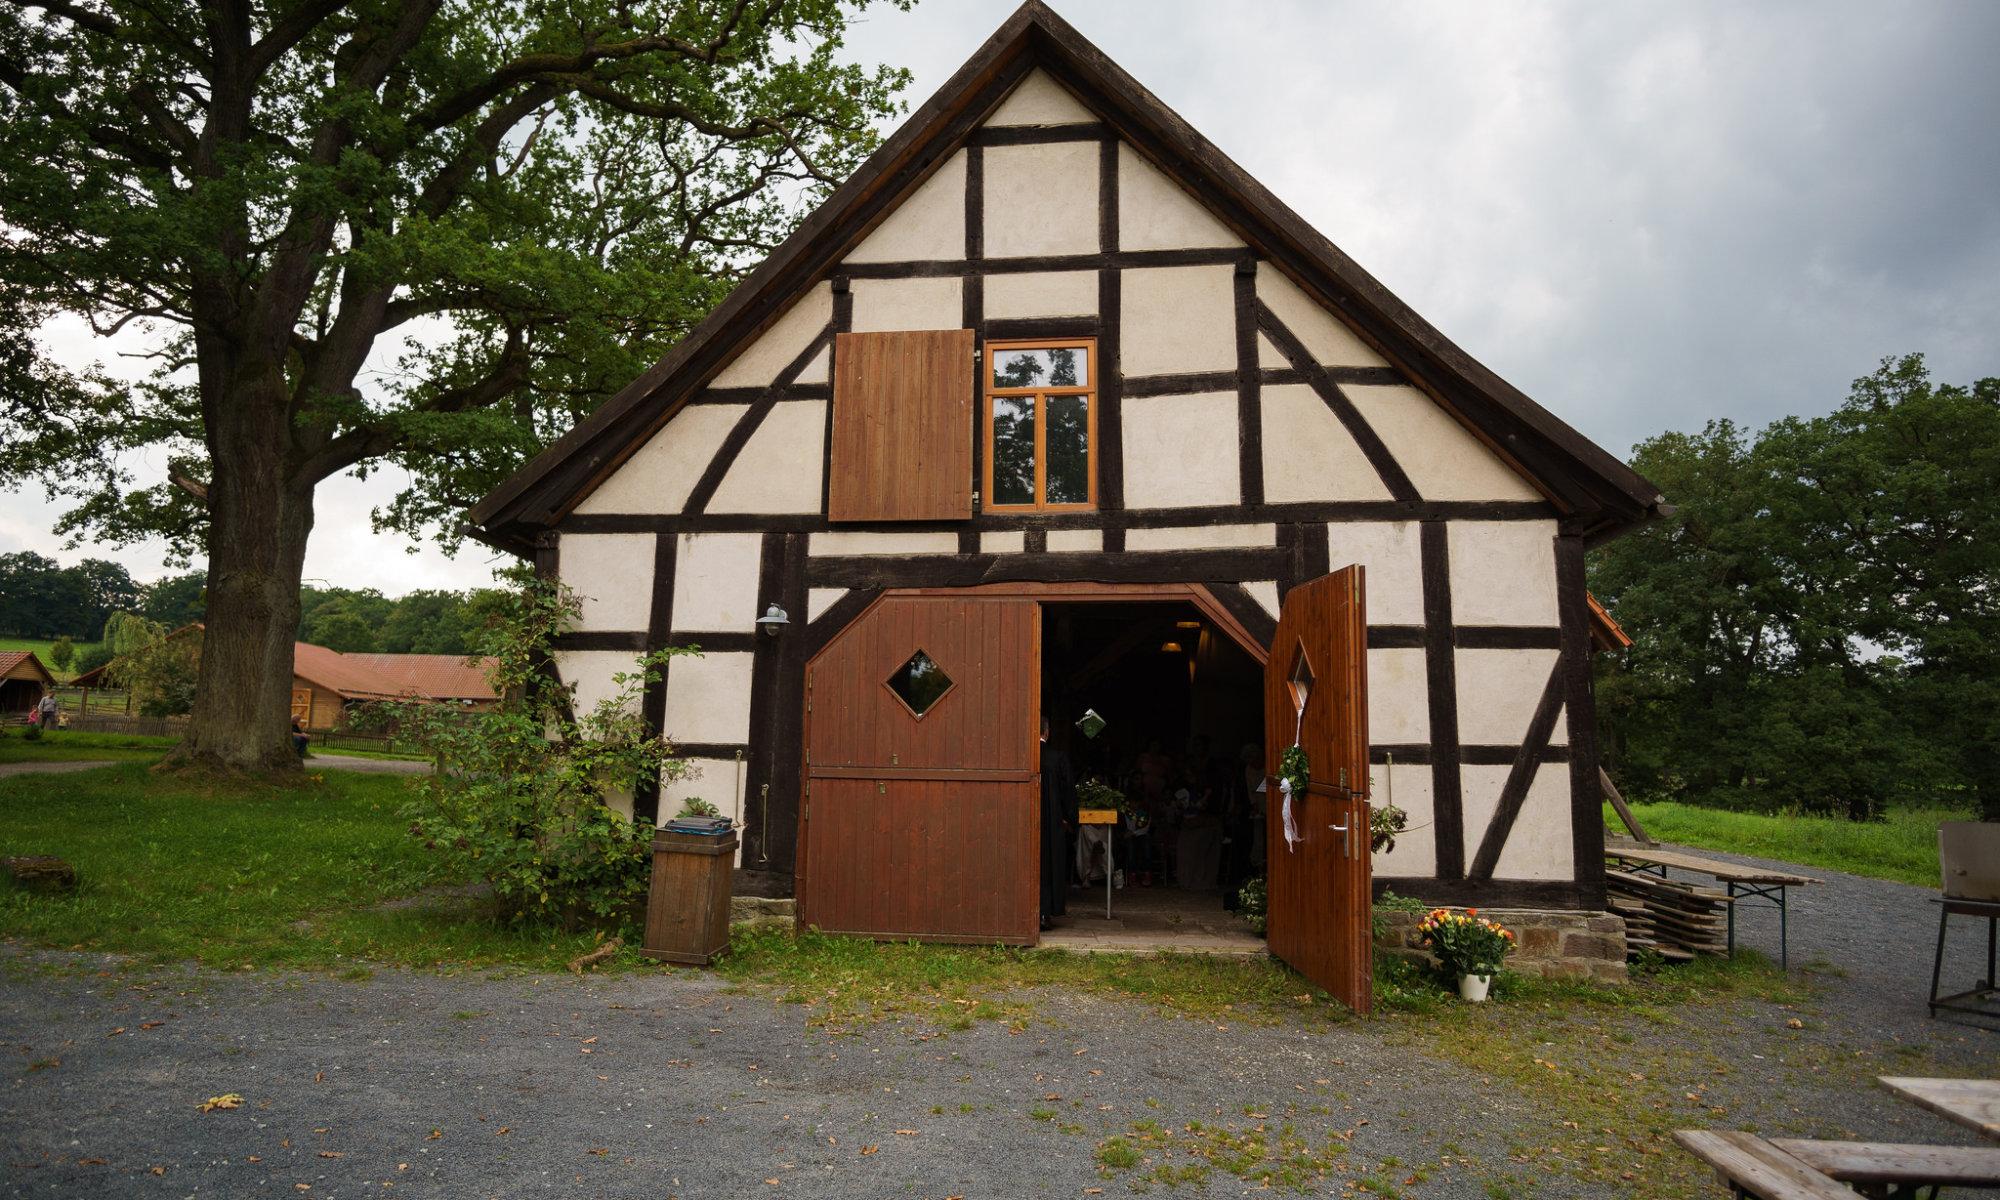 Kirchenscheune, Tierpark Sababurg, Hofgeismar